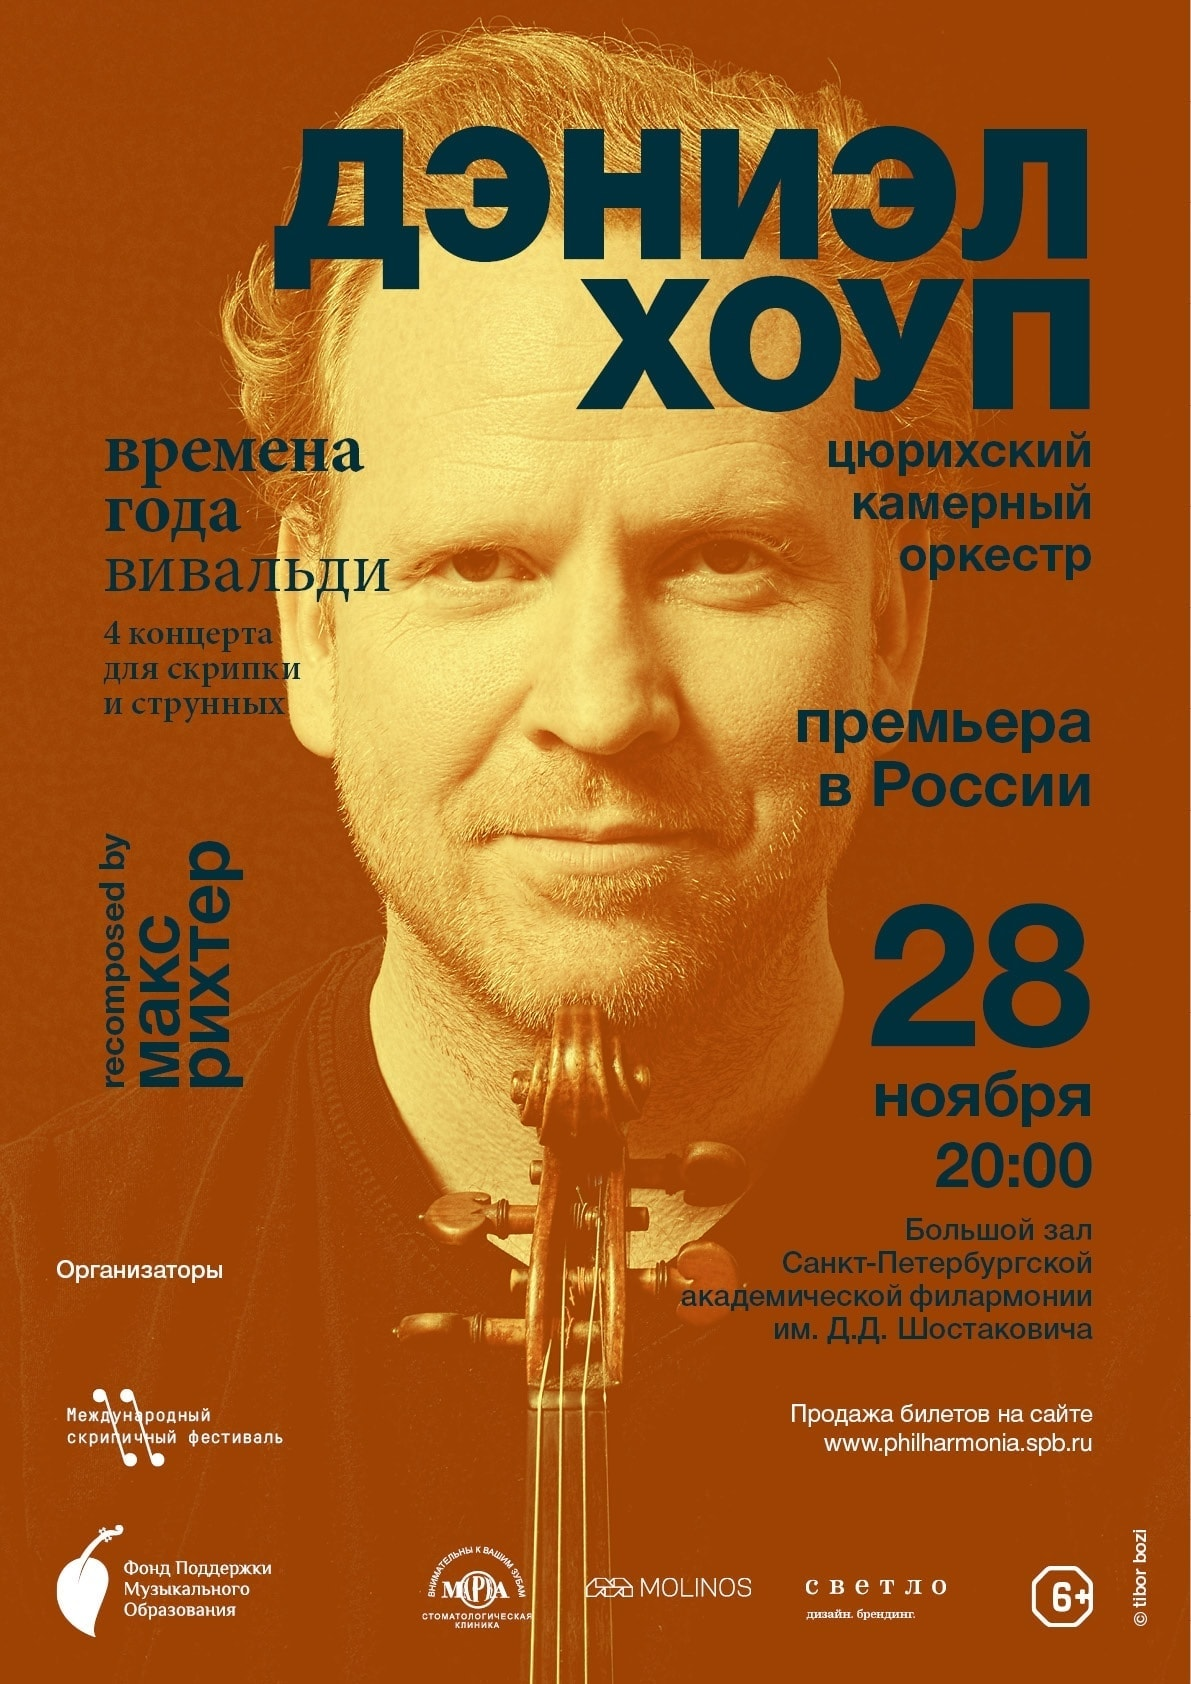 Дэниэл Хоуп в Санкт-Петербургской филармонии